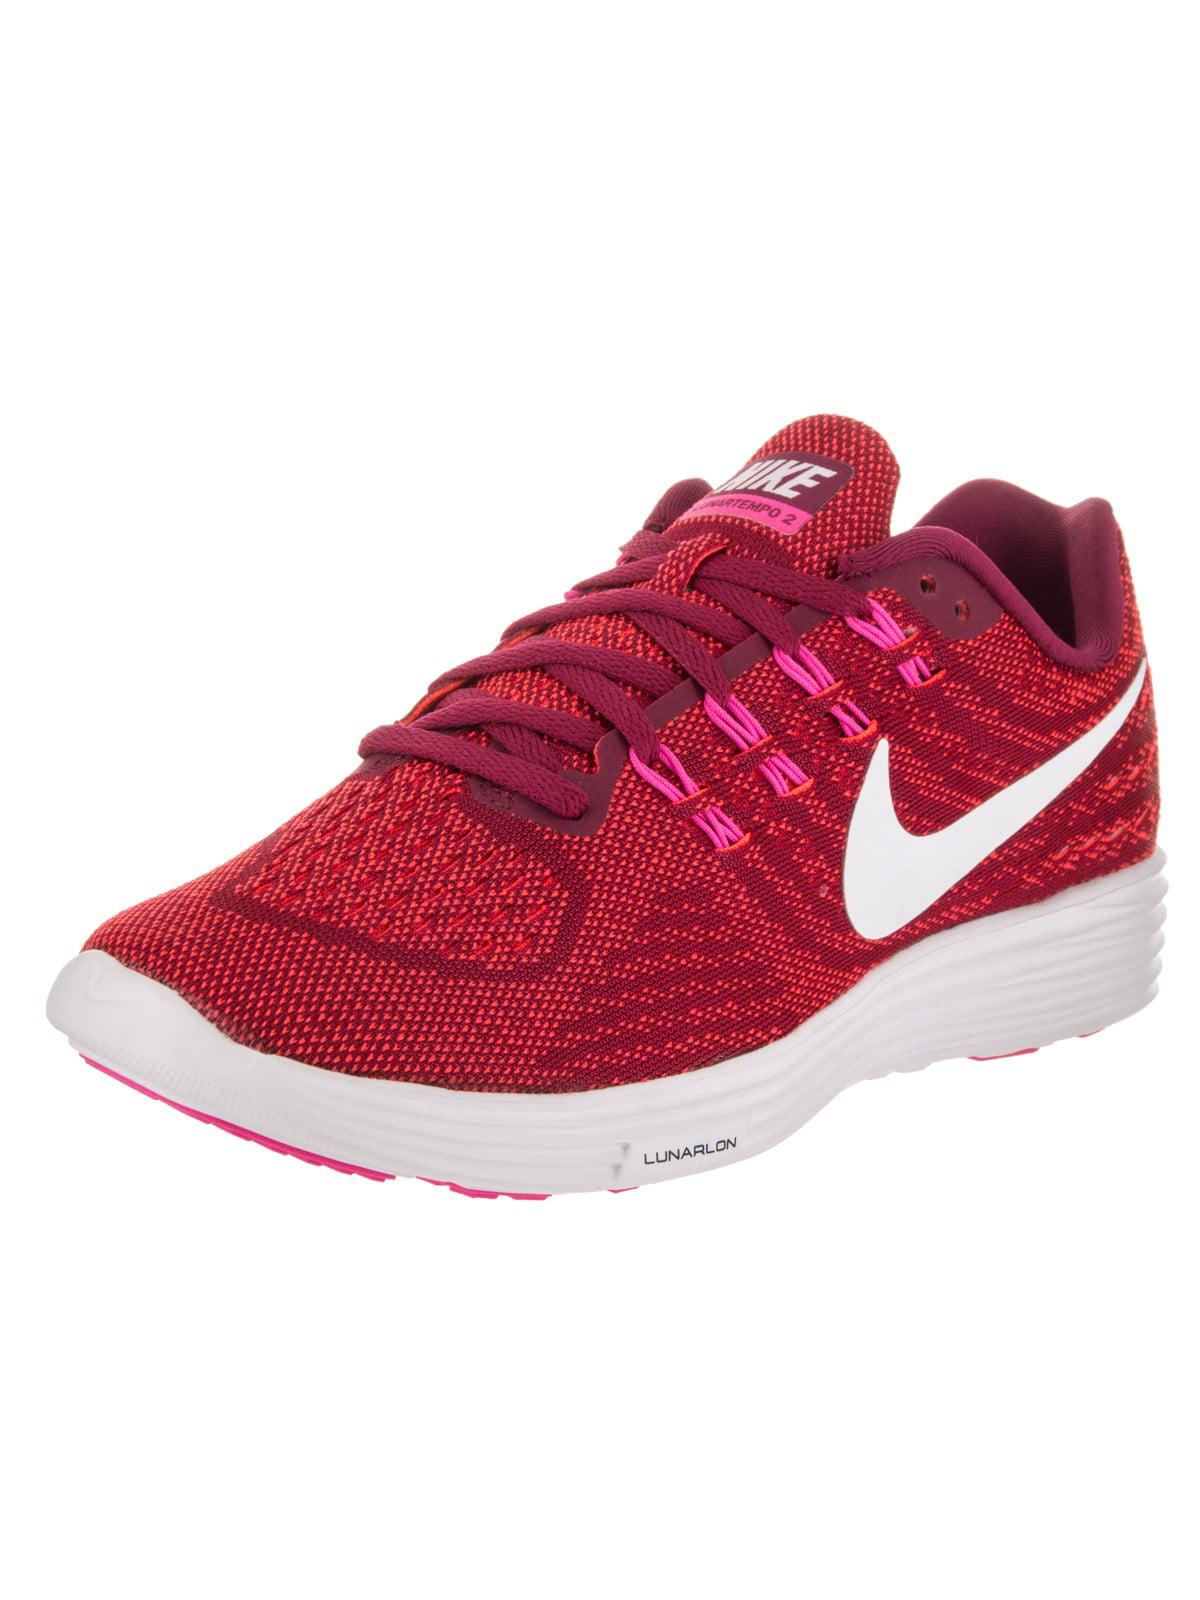 official photos 7e56e 20d2c Nike Women s Lunartempo 2 Running Shoe